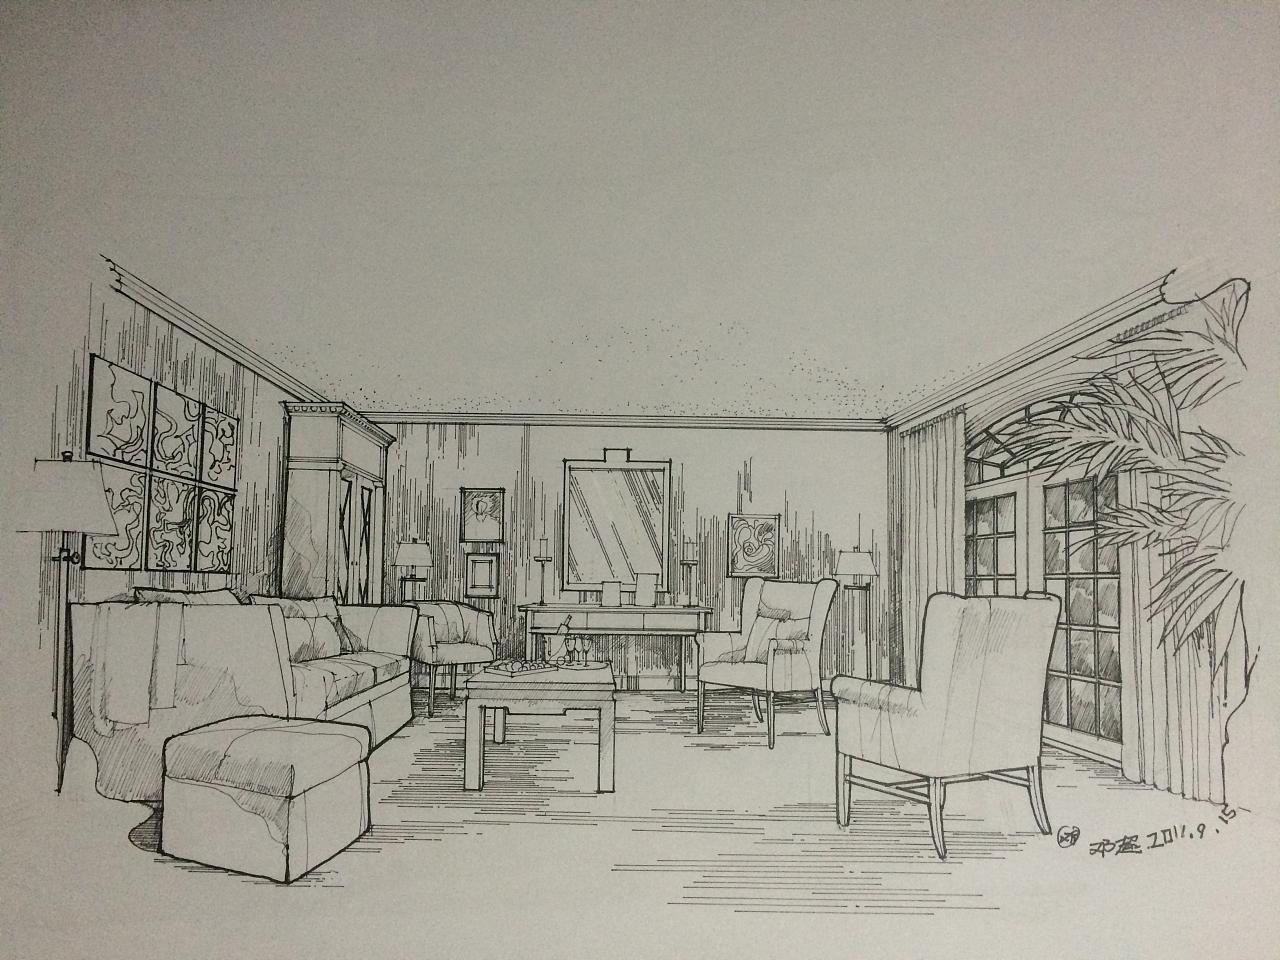 室内手绘|空间|建筑设计|邓超老师 - 原创作品 - 站酷